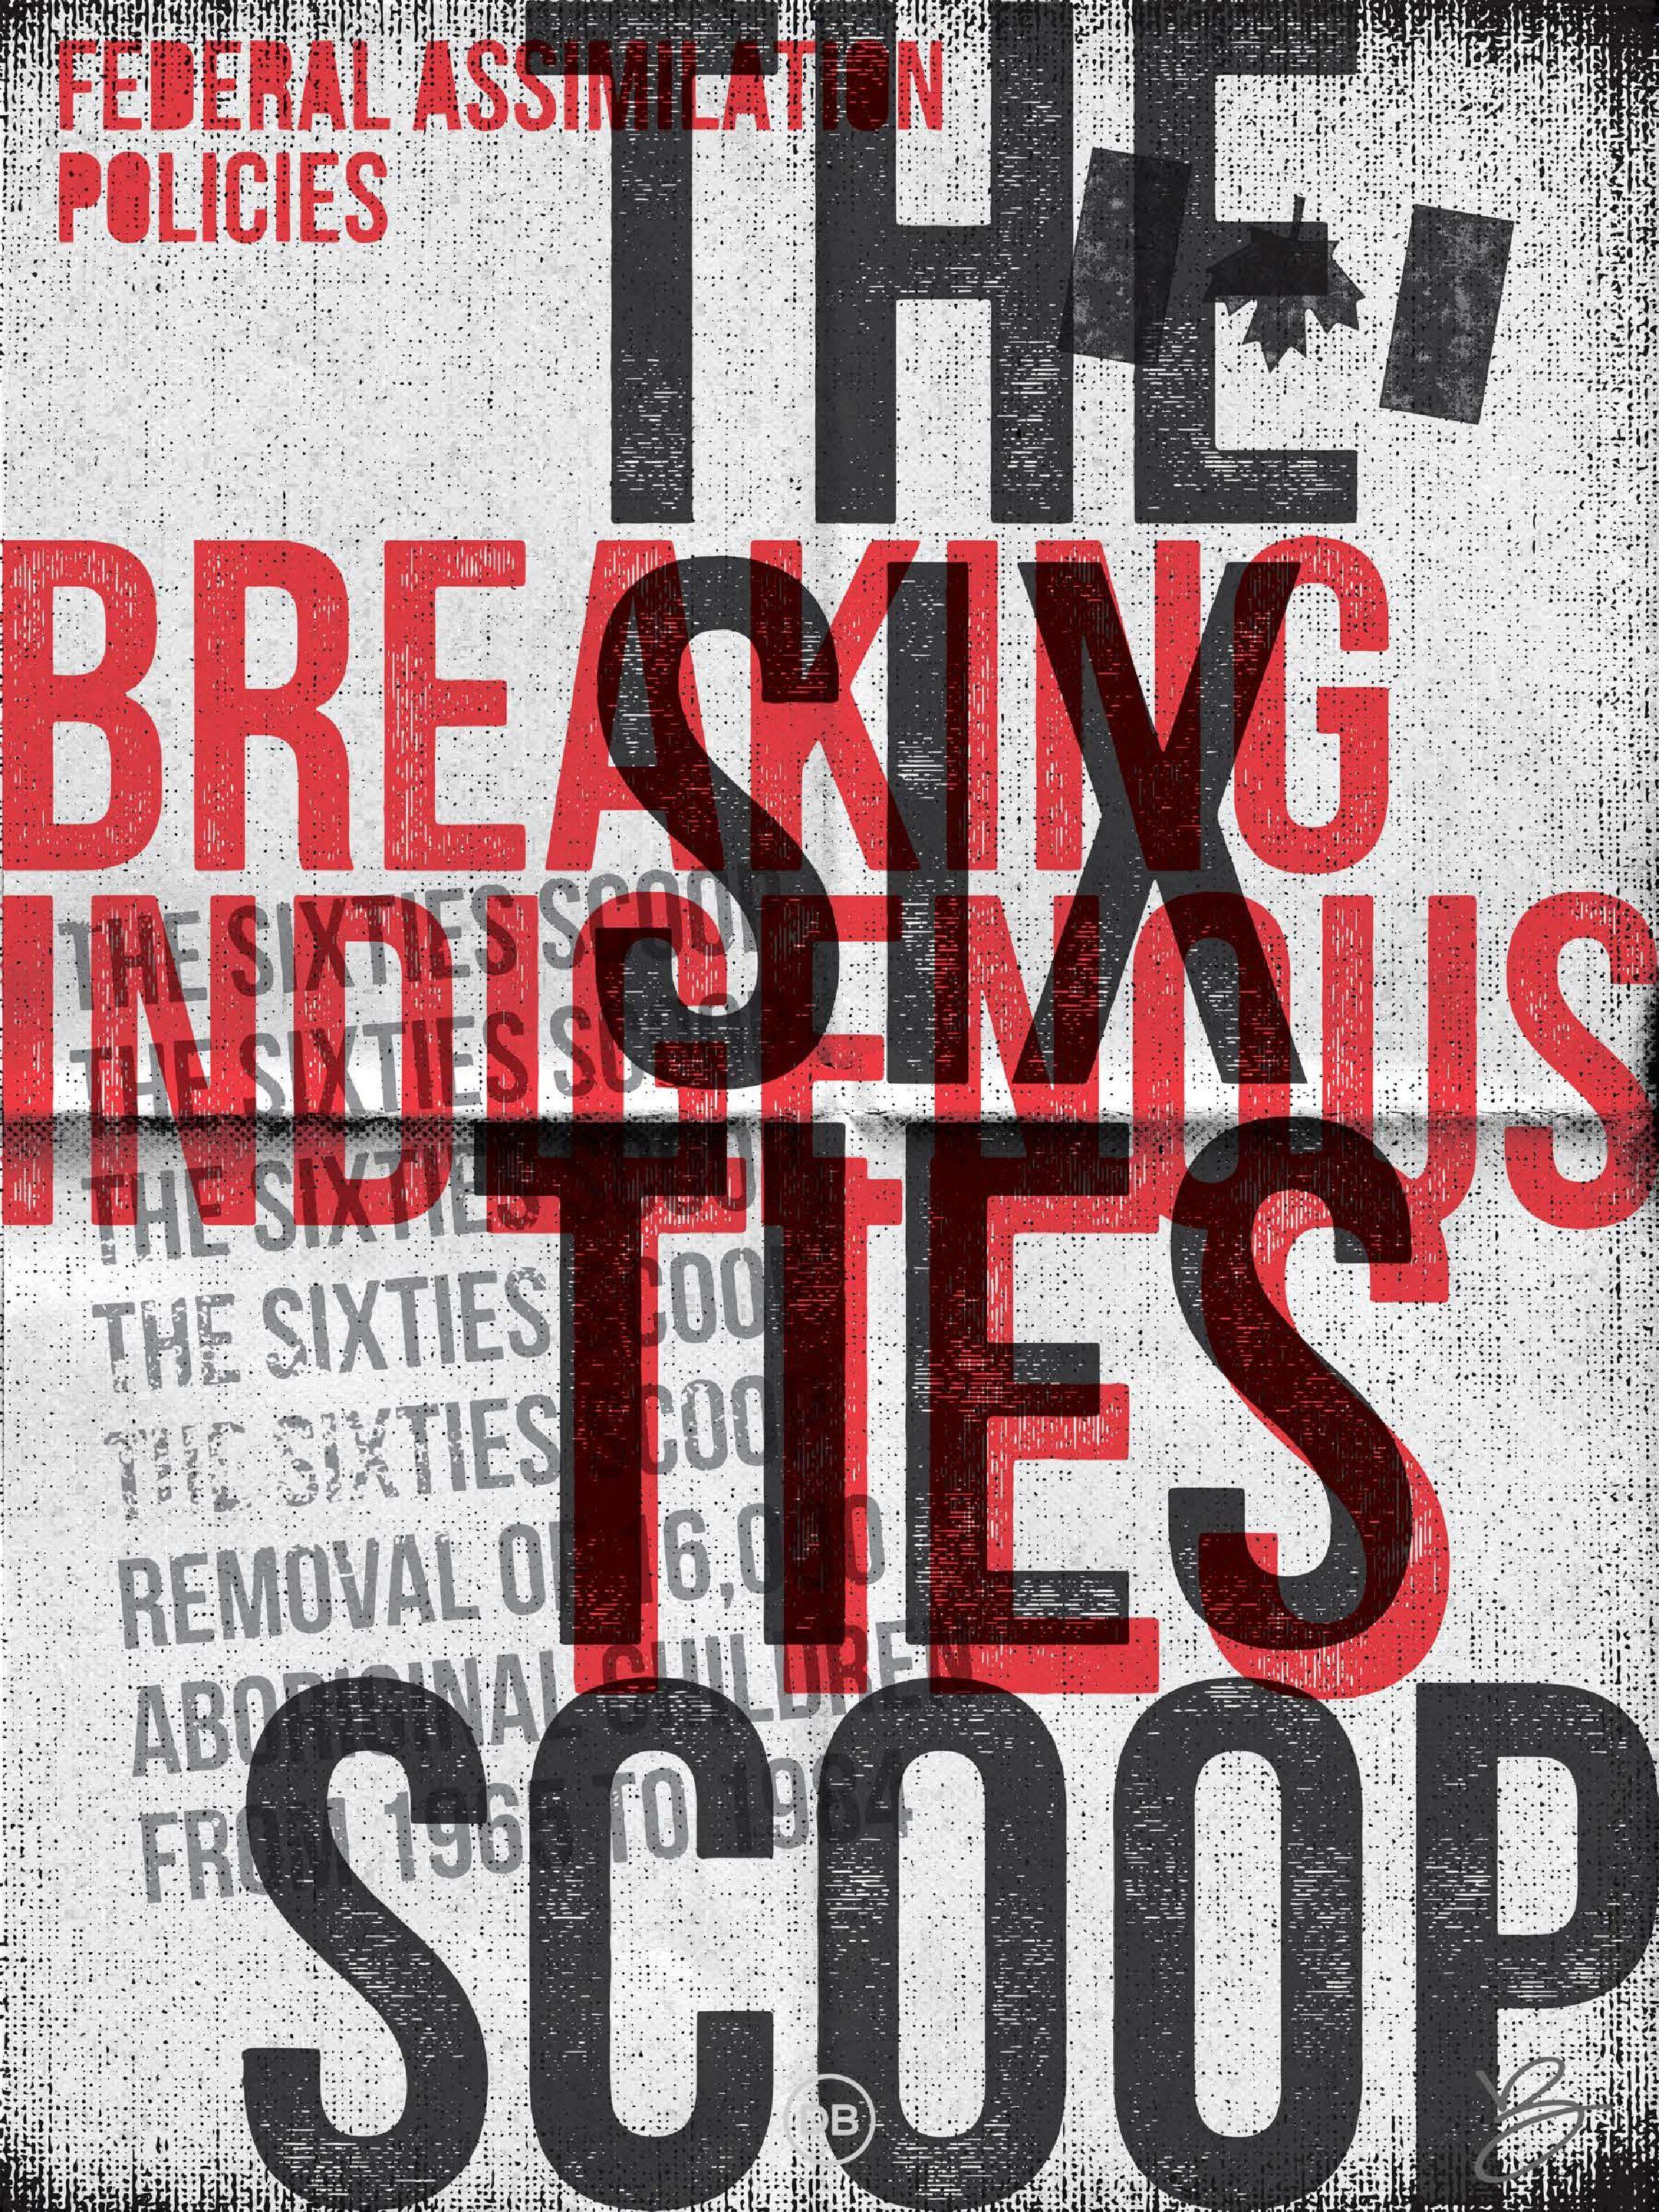 David Bernie Sixties Scoop II Indian Country 52 1